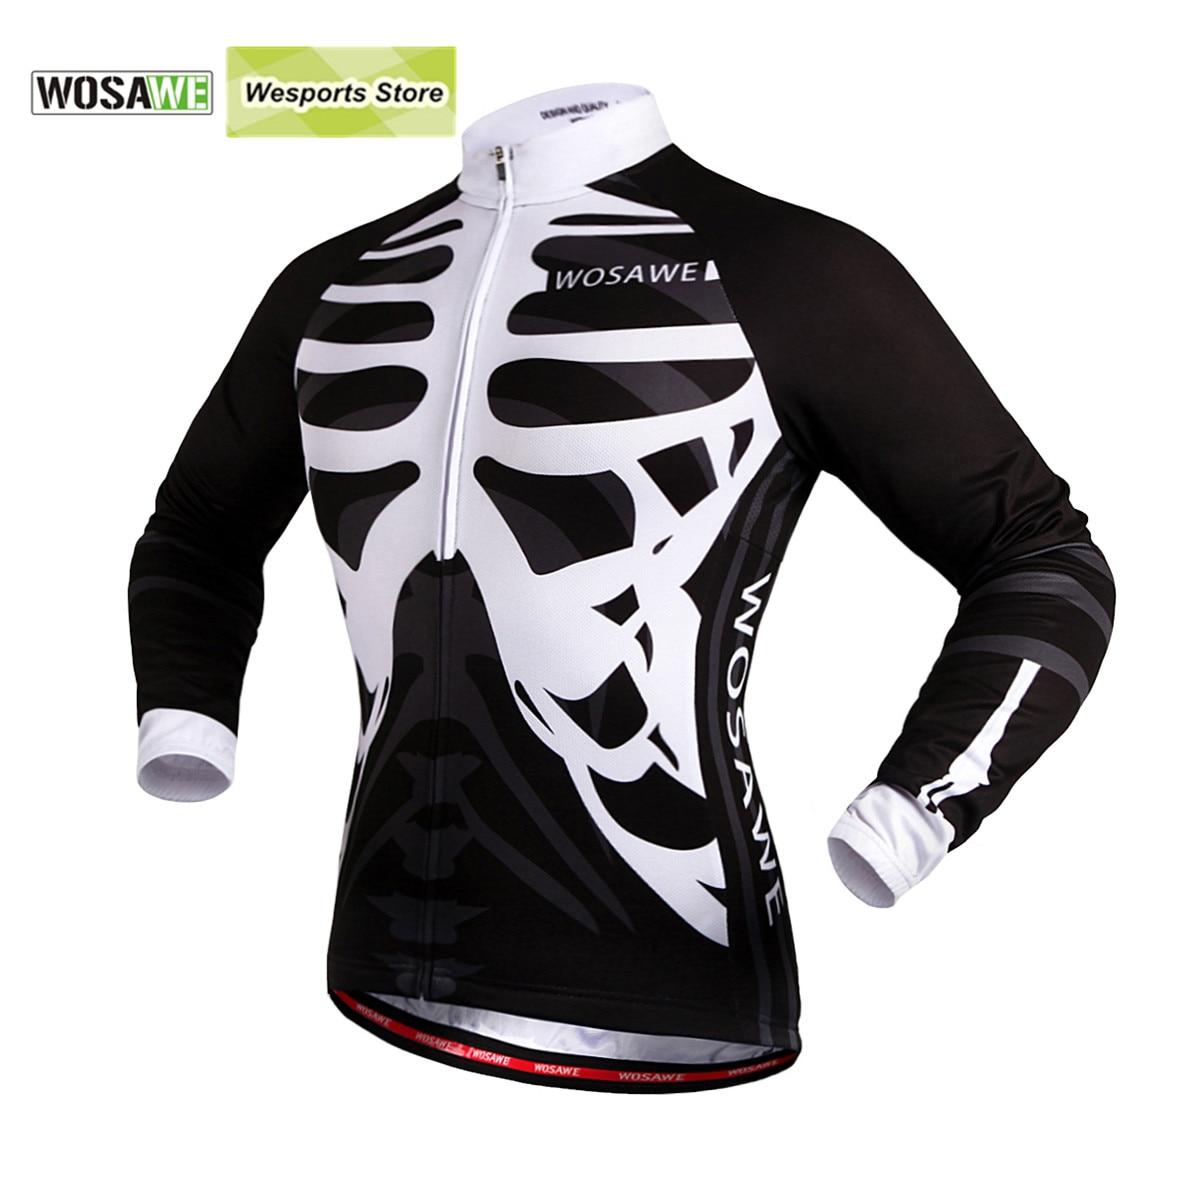 Prix pour WOSAWE Automne Hommes de Maillots de Vélo De Moto Motocross Racing DH Descente VTT Vélo t-shirt Jersey Porter Vélo Vêtements